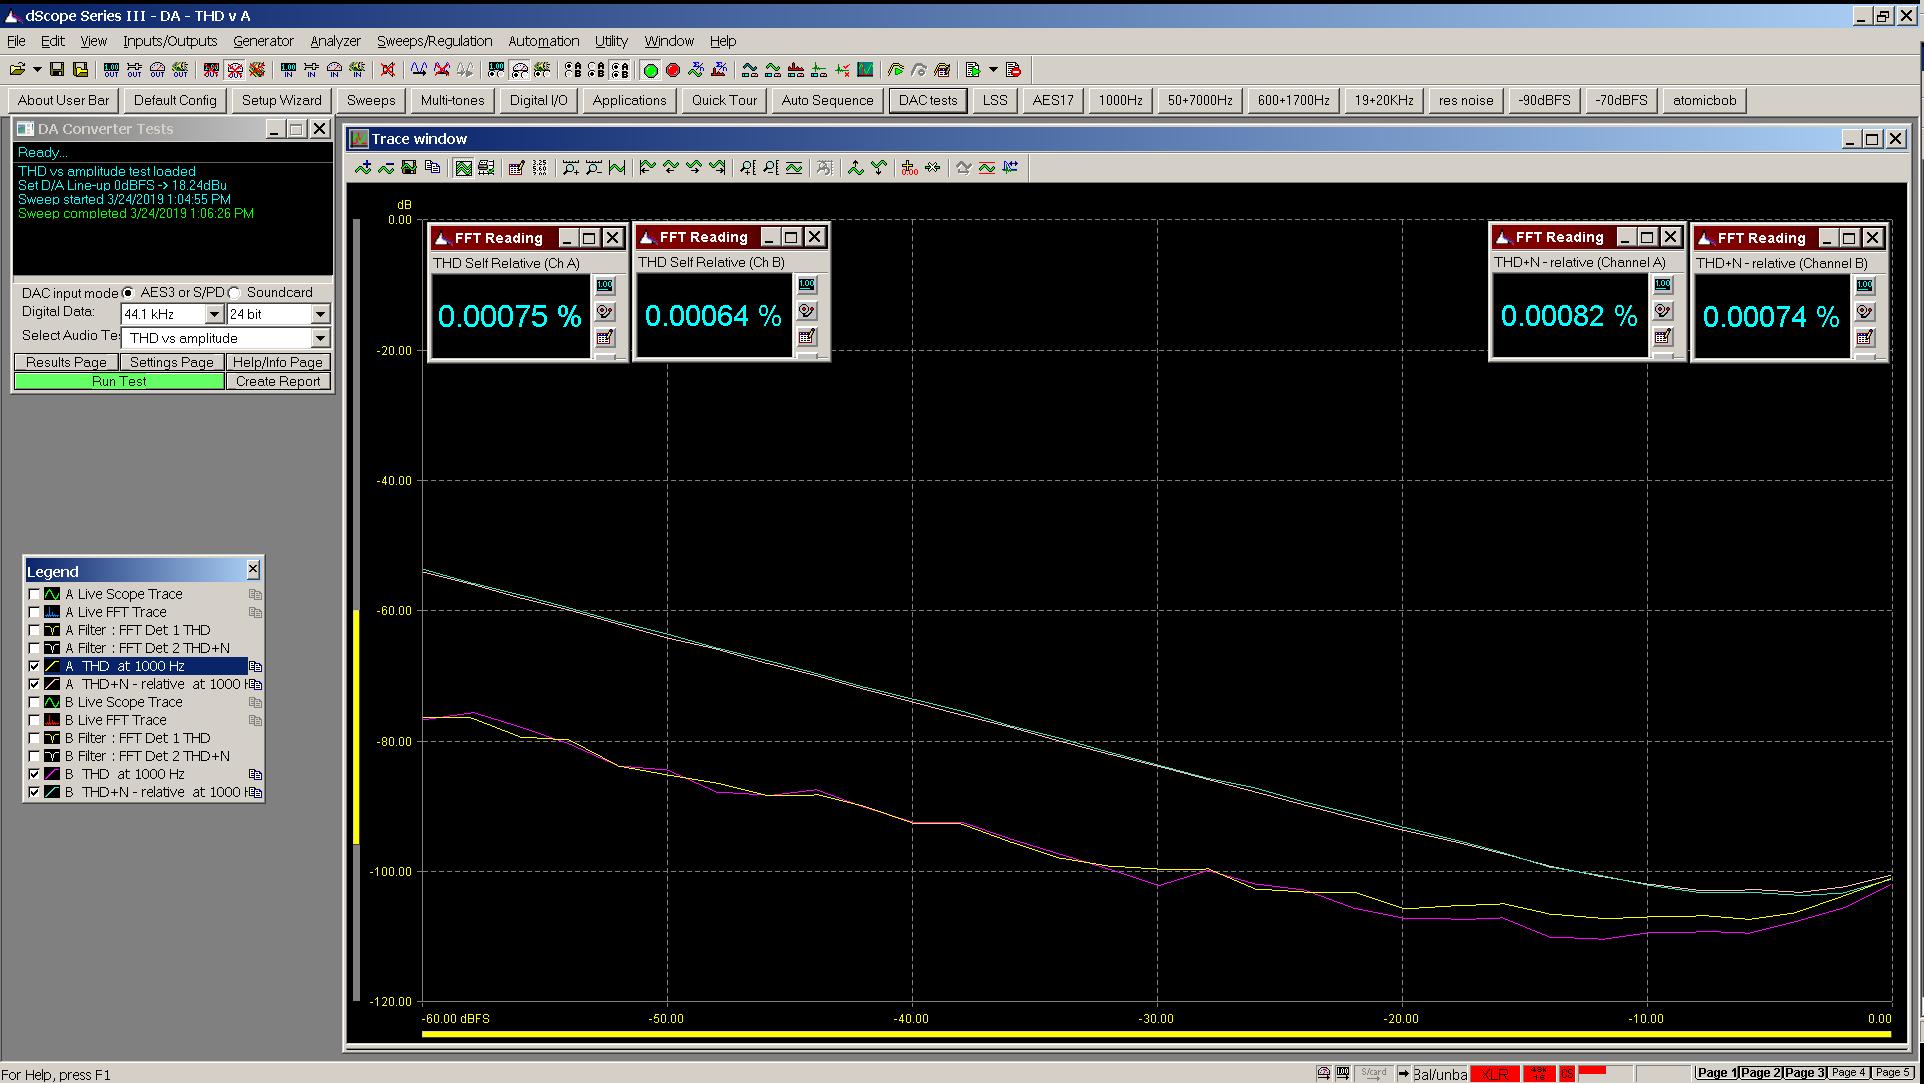 20190323-03 solaris Bal THD THD+N vs amplitude - AES.PNG